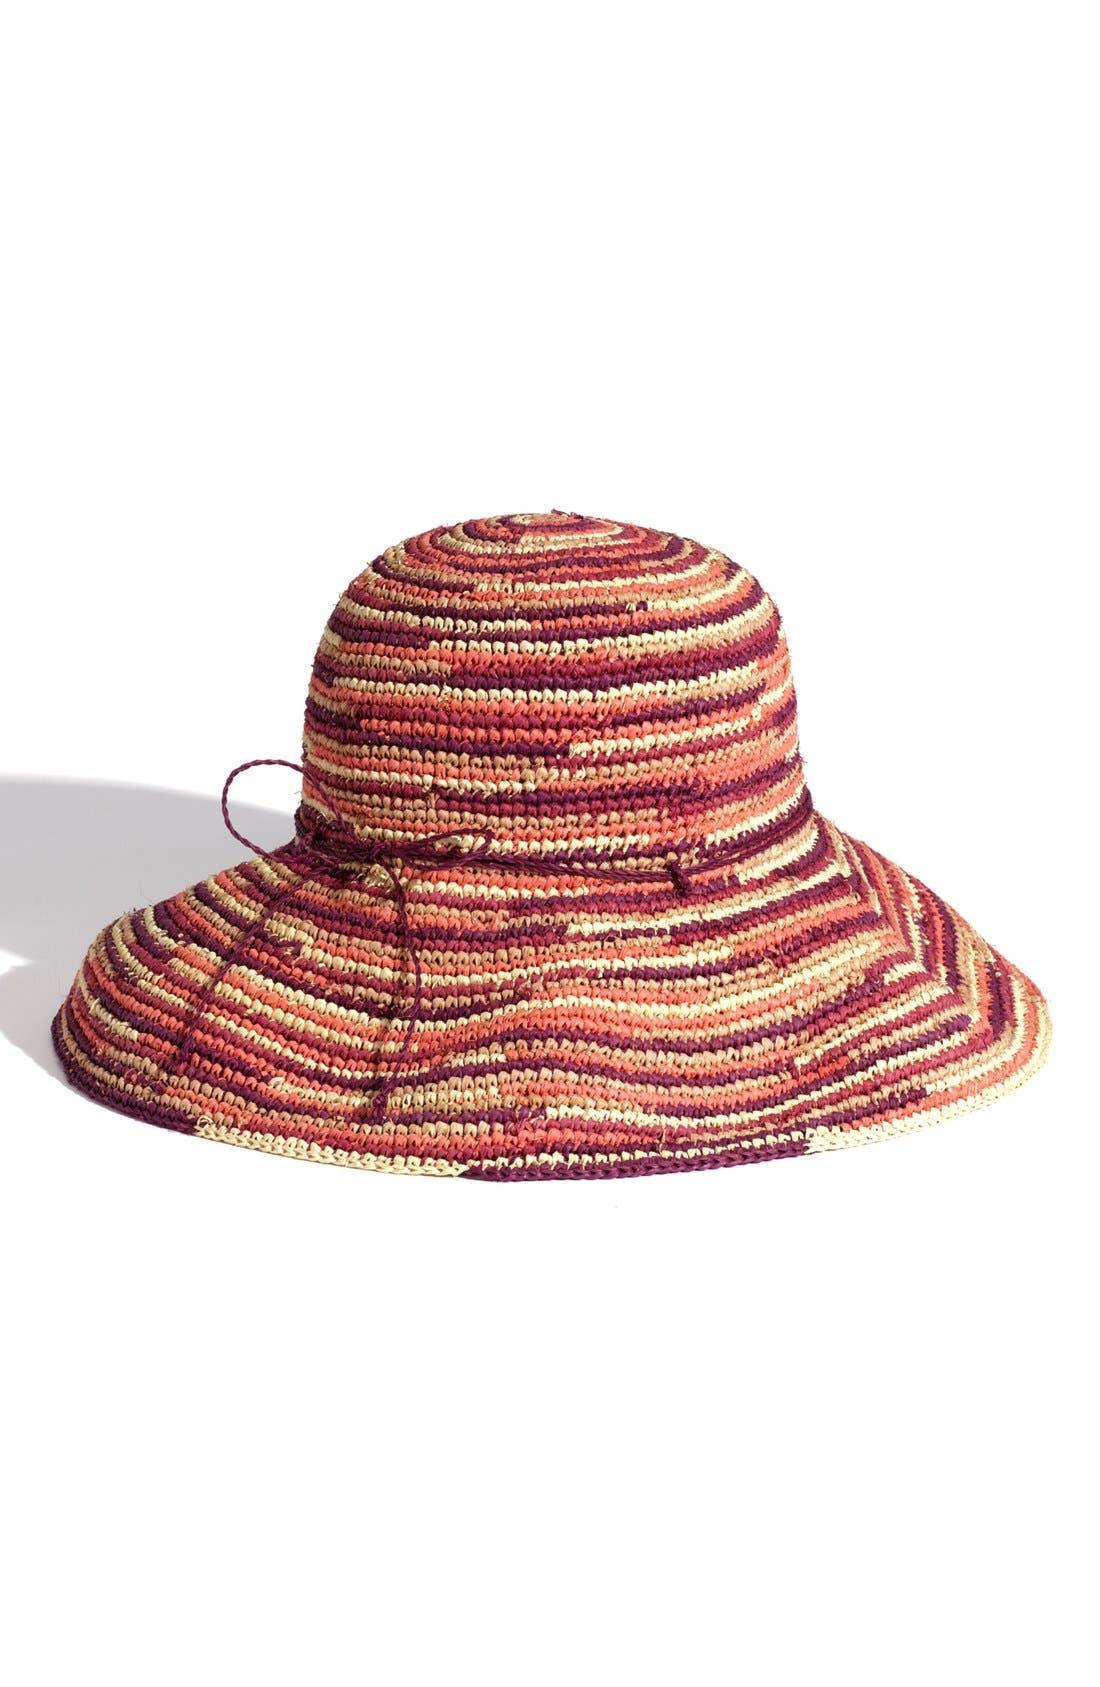 'Provence 12' Packable Raffia Hat,                             Main thumbnail 8, color,